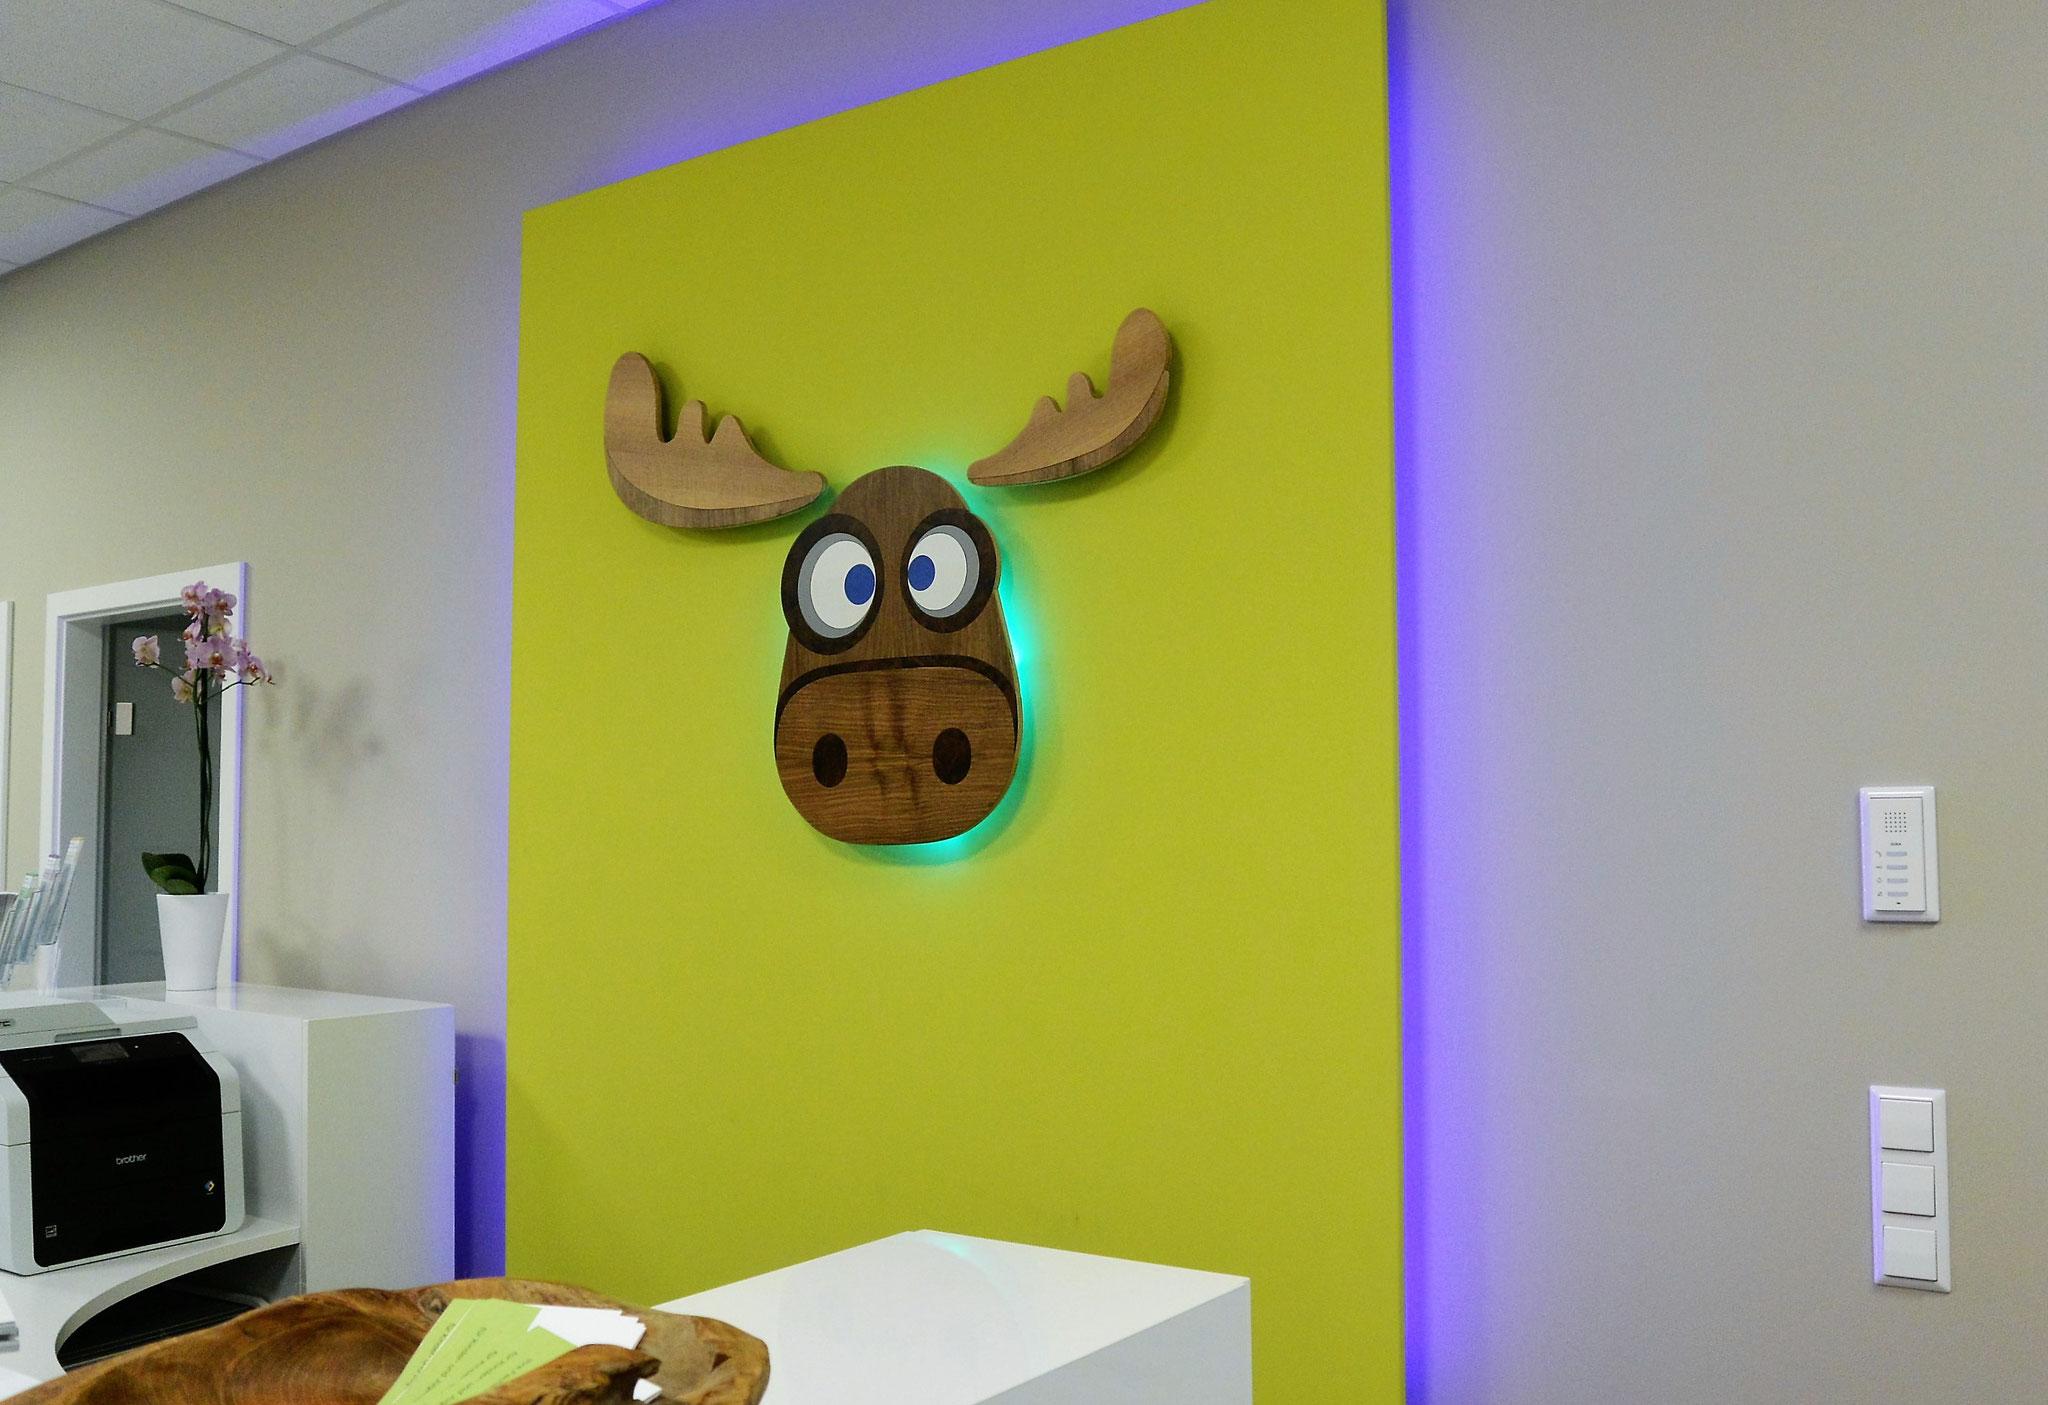 """Indirekte Beleuchtung setzt das Logo """"Elchkopf"""" in Szene"""